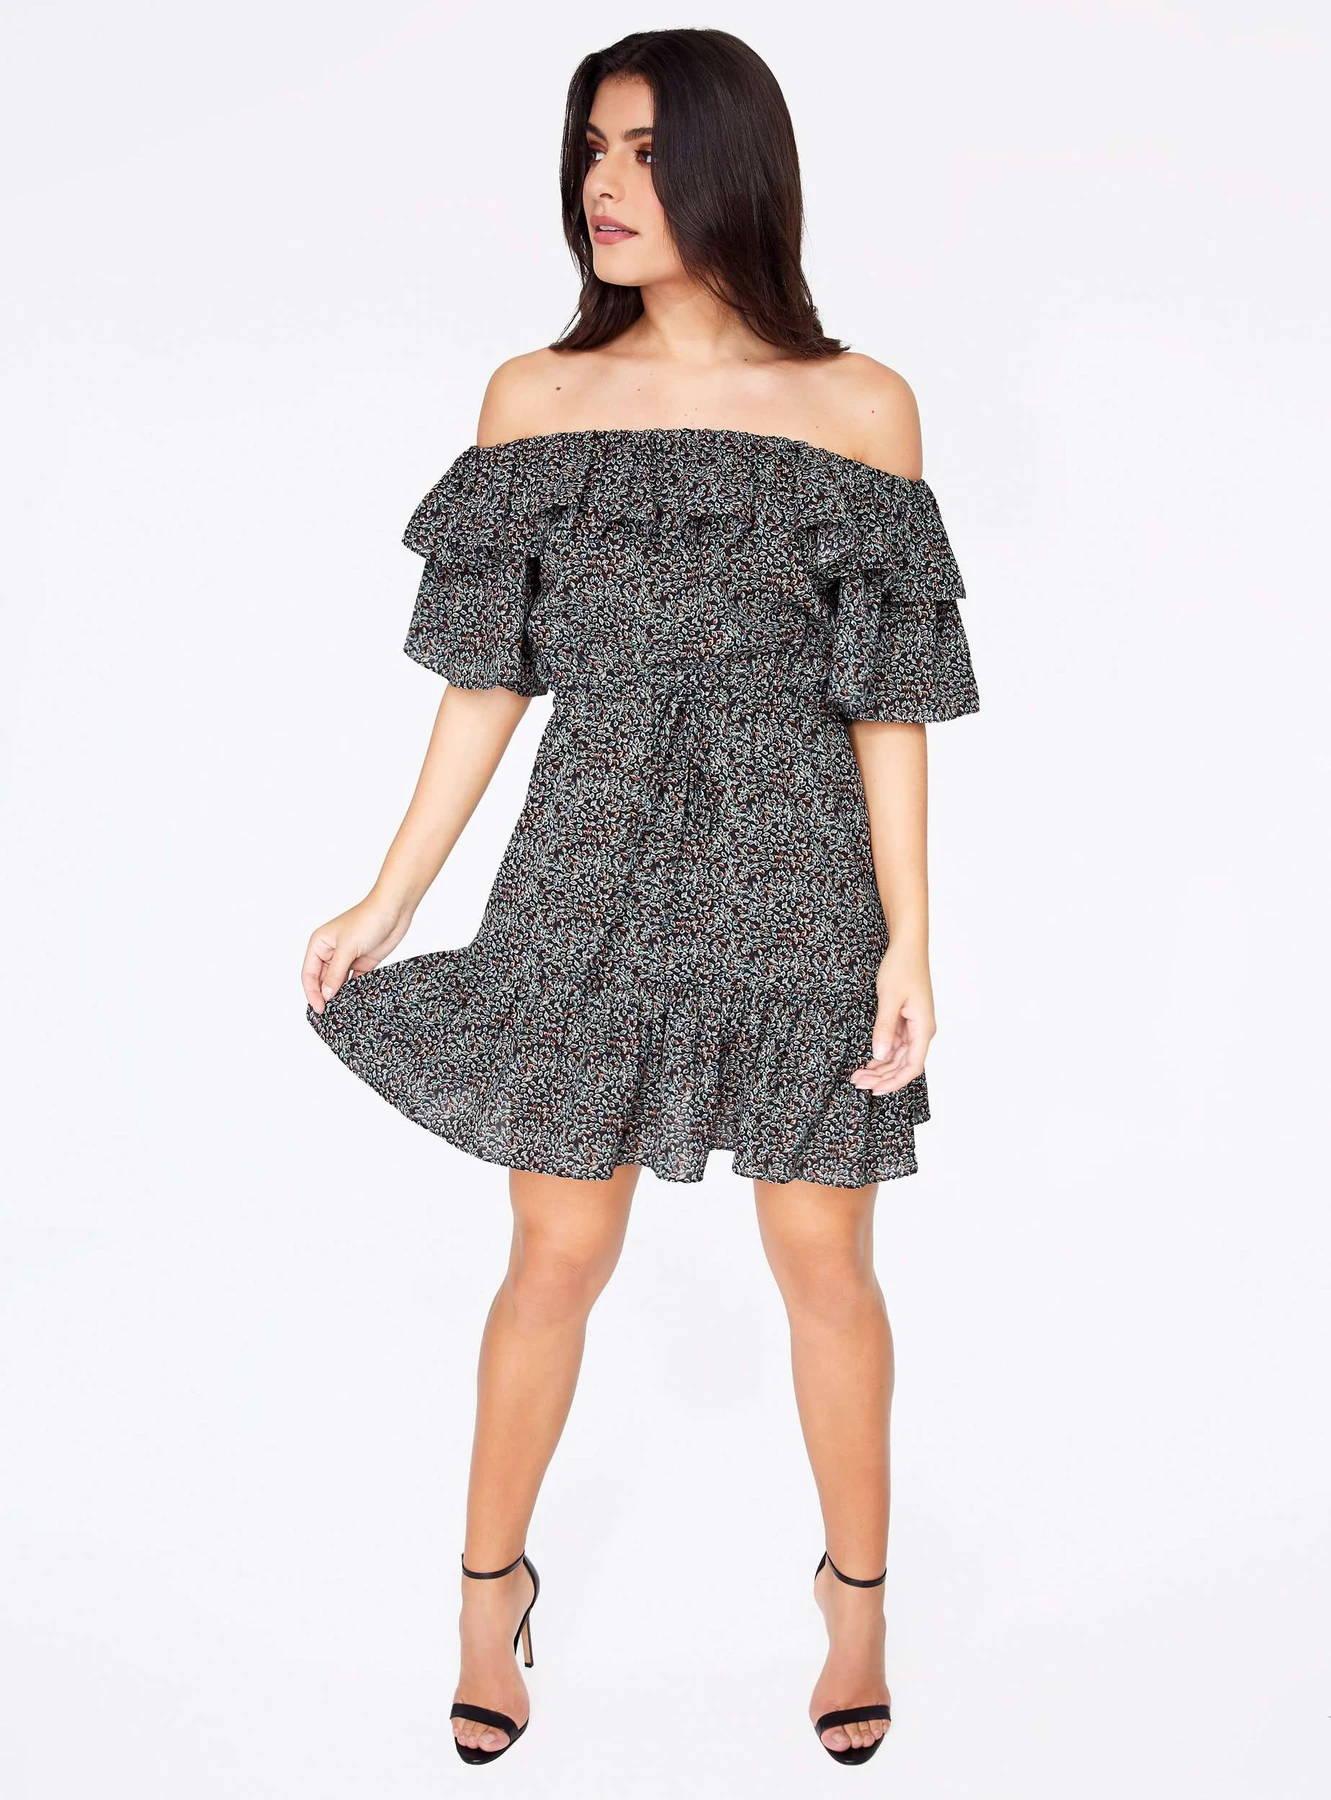 Black Floral Off the Shoulder Ruffle Dress